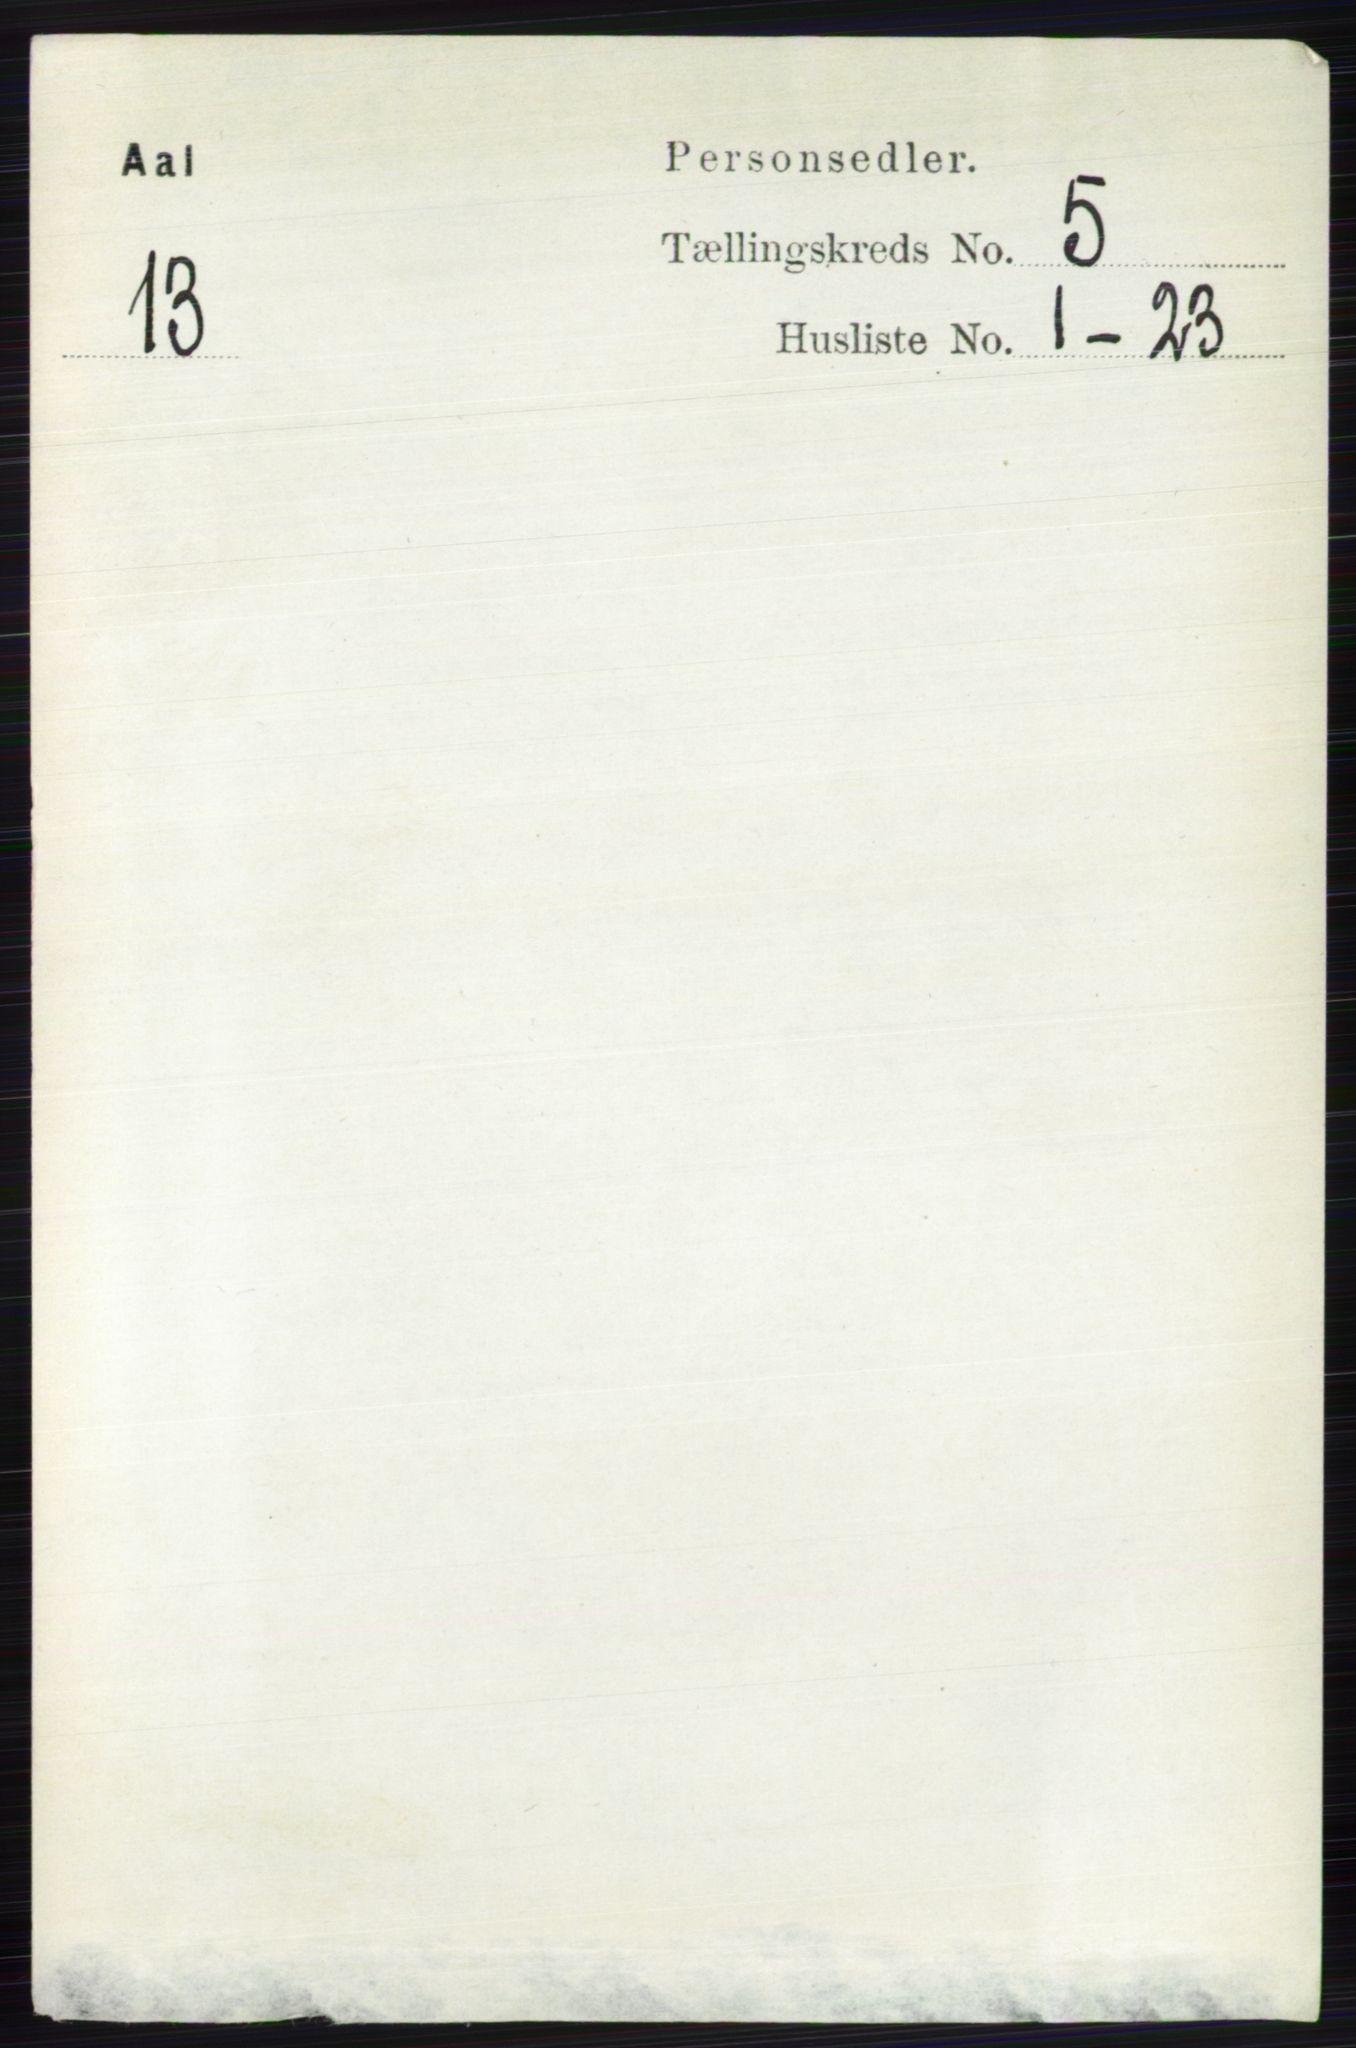 RA, Folketelling 1891 for 0619 Ål herred, 1891, s. 1360